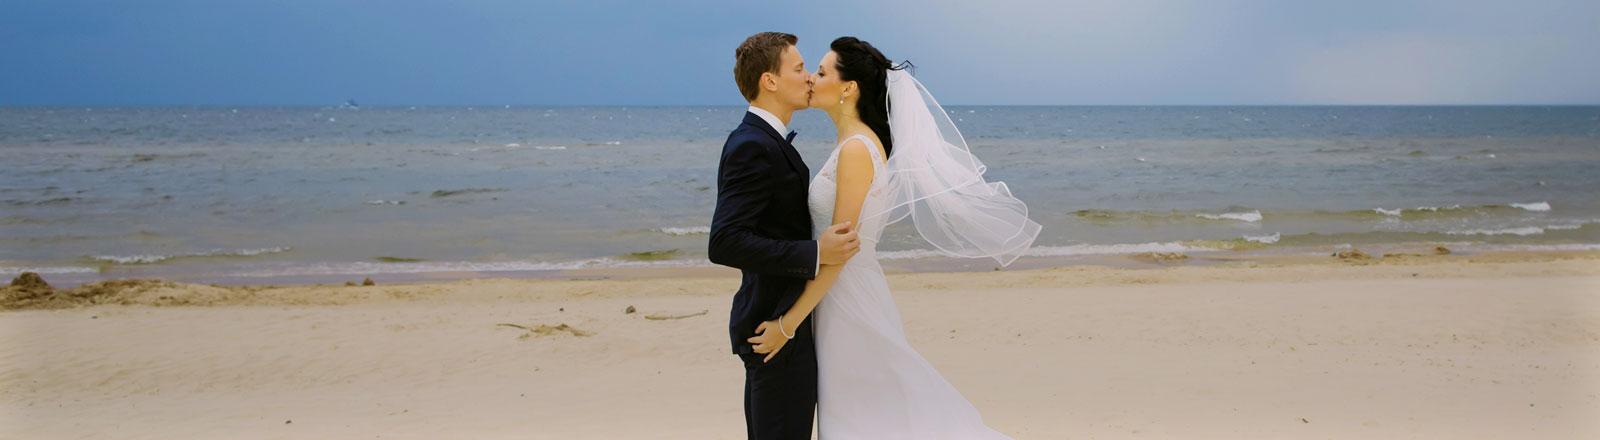 Ein Hochzeitspaar am Strand.